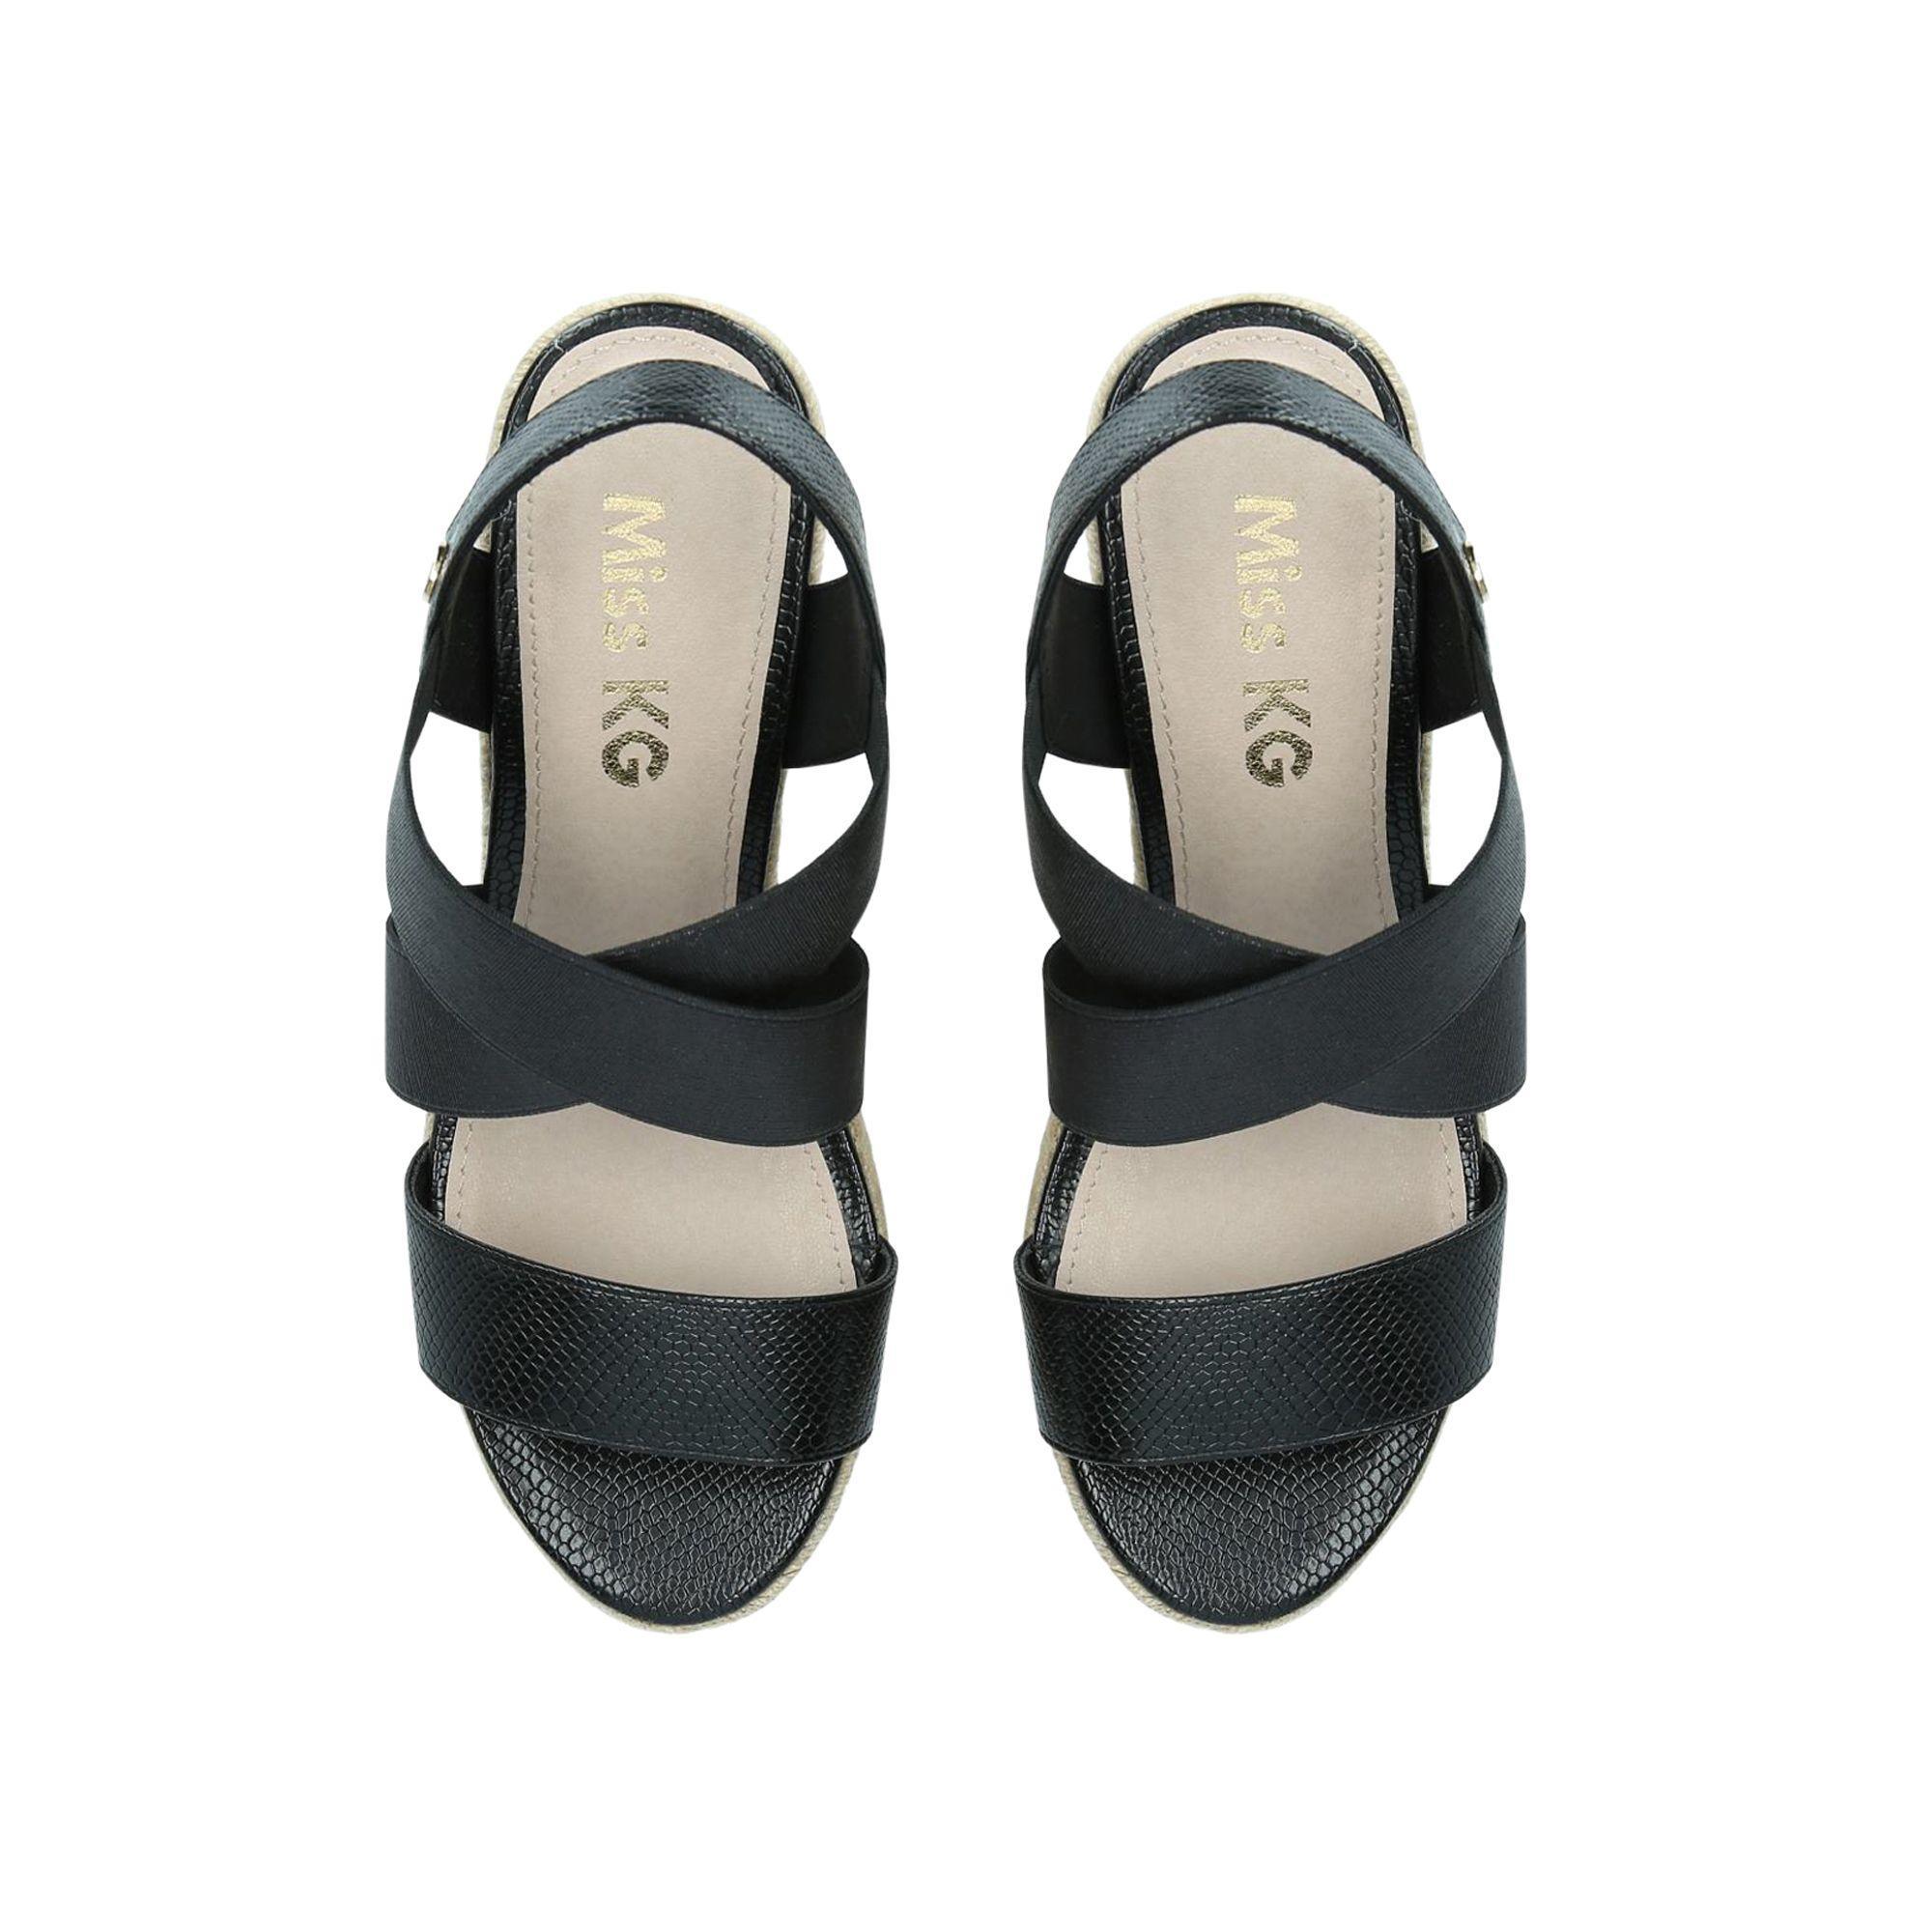 2d618753420 Miss Kg - Black  daffodil  Mid Heel Wedge Sandals - Lyst. View fullscreen